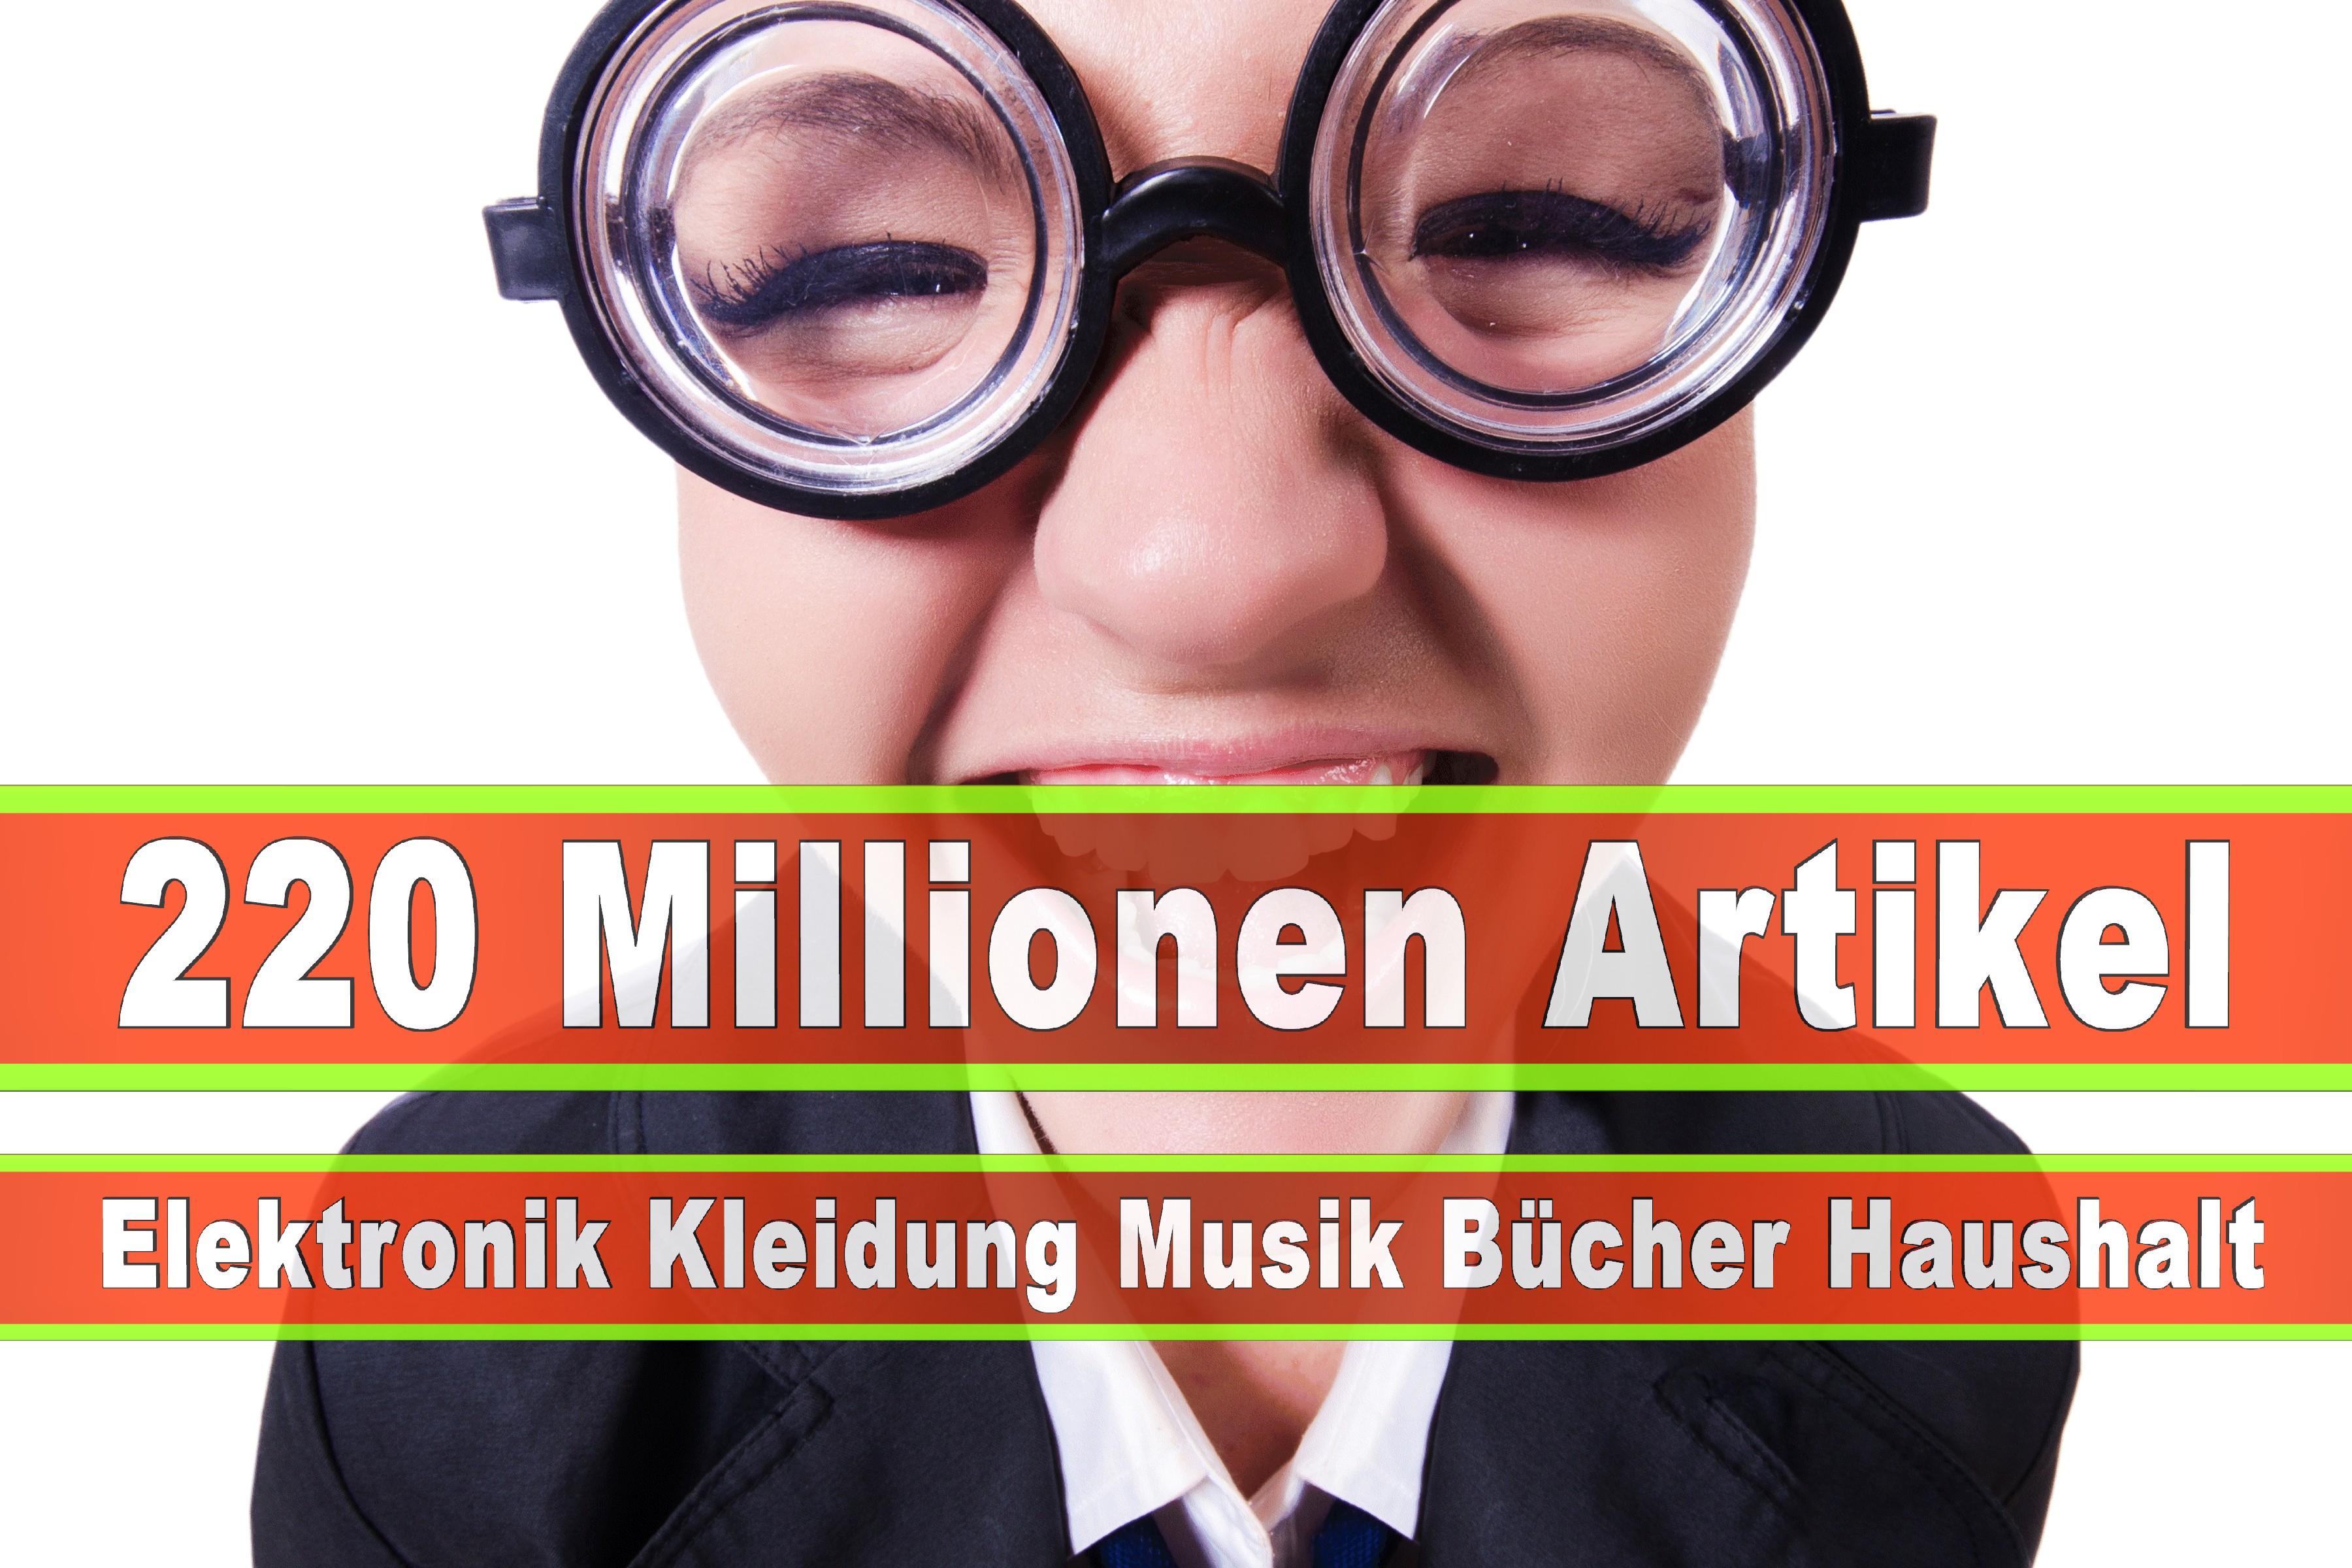 Amazon Elektronik Musik Haushalt Bücher CD DVD Handys Smartphones TV Television Fernseher Kleidung Mode Ebay Versandhaus (66)